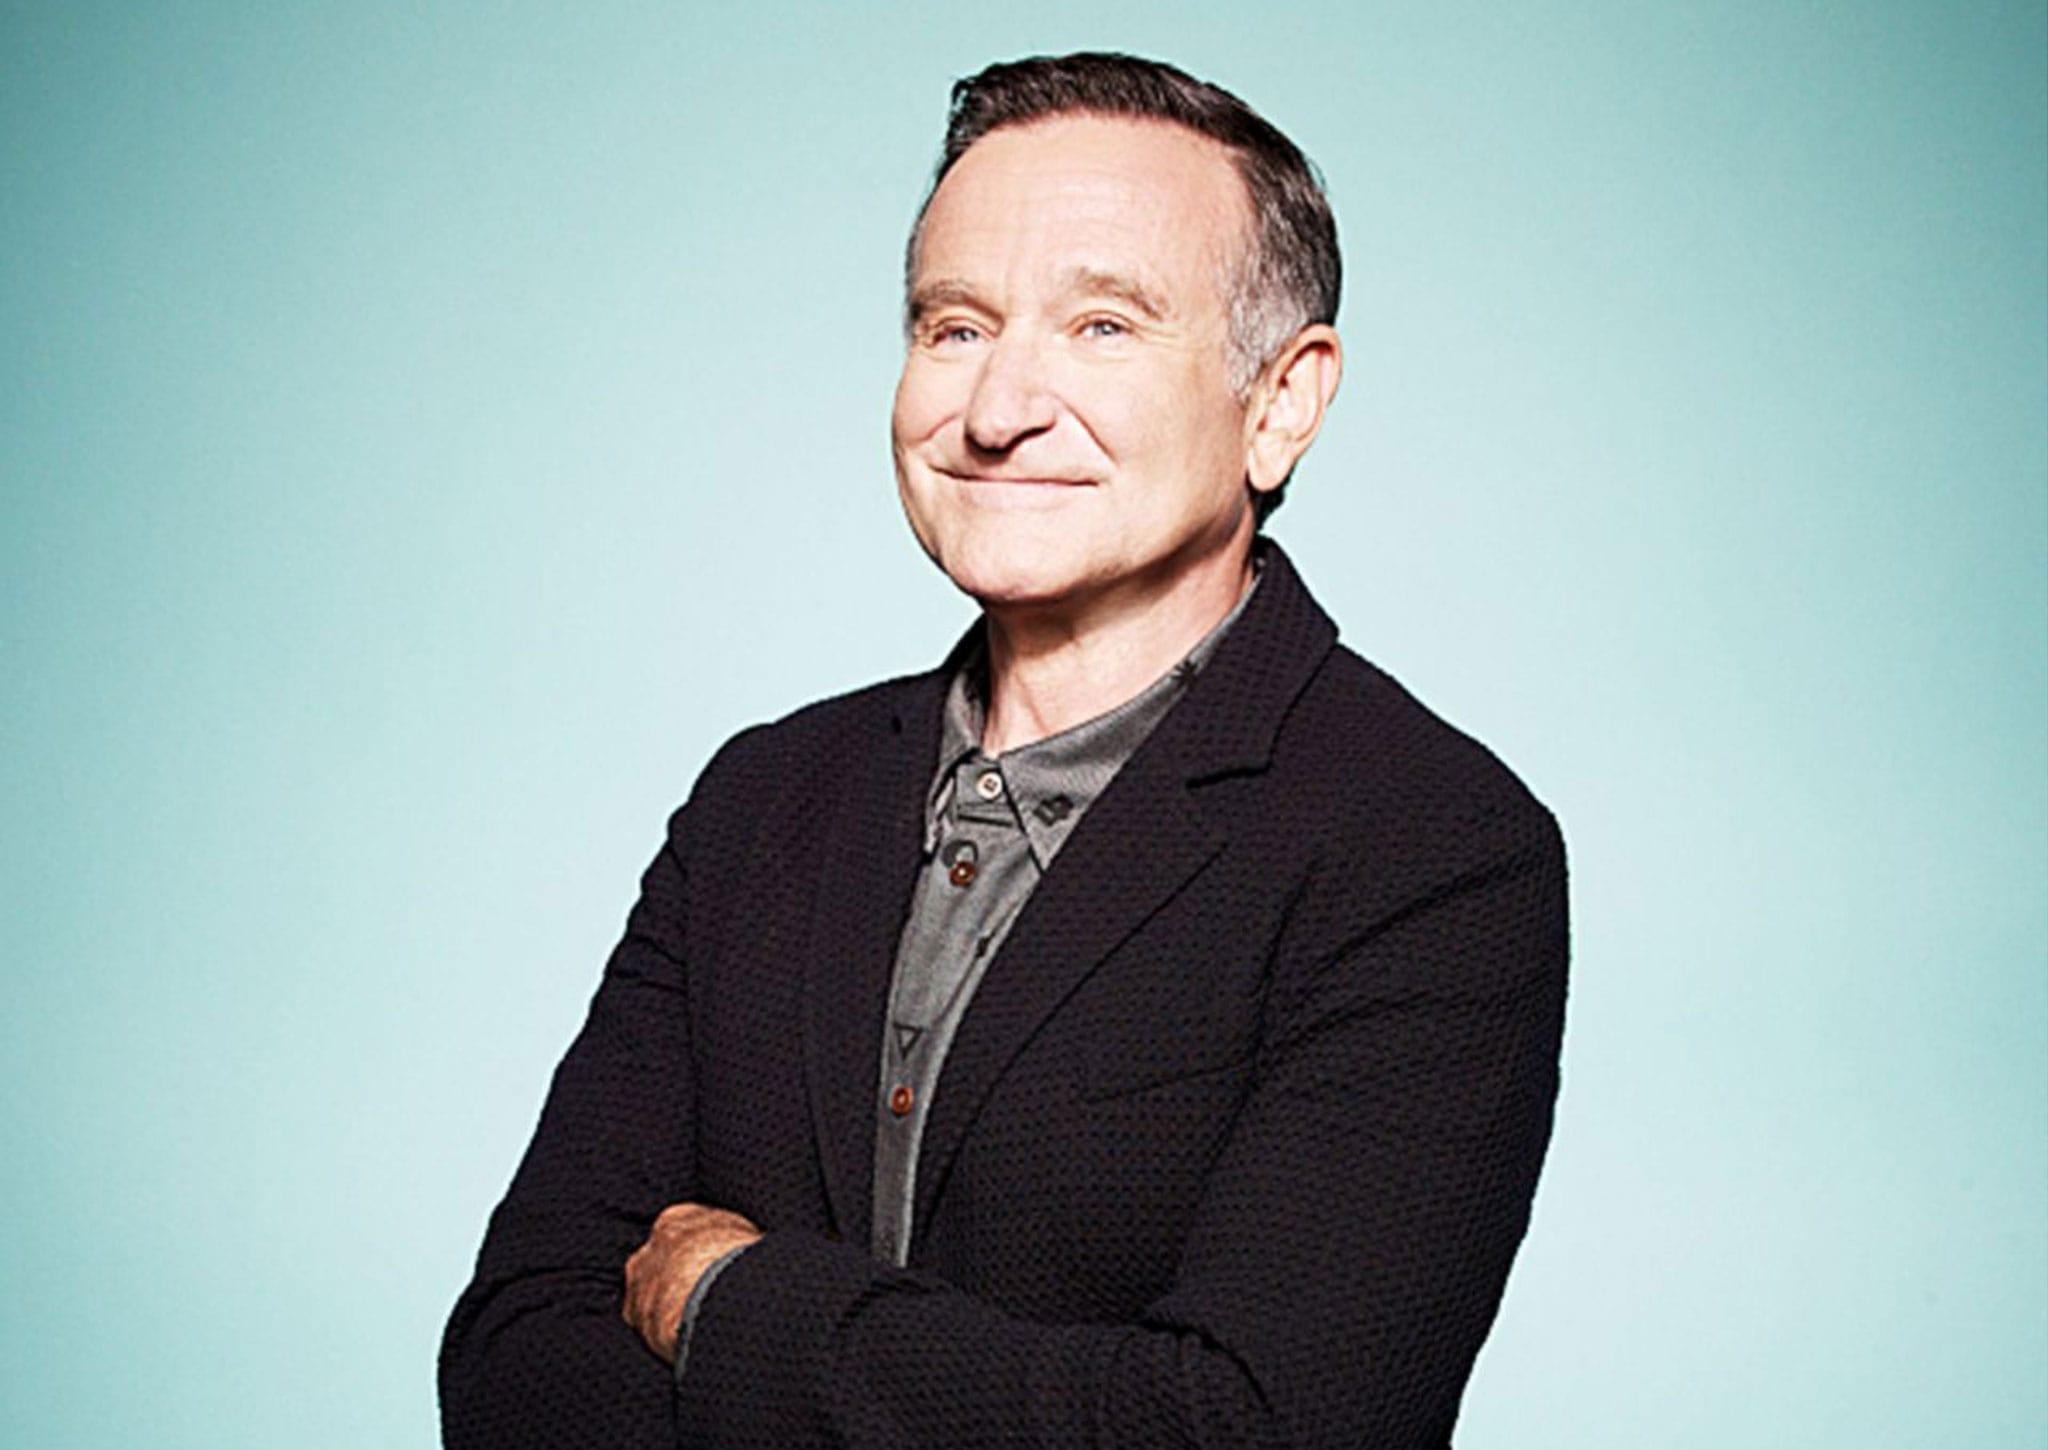 Robin Williams HD Desktop Wallpapers | 7wallpapers.net